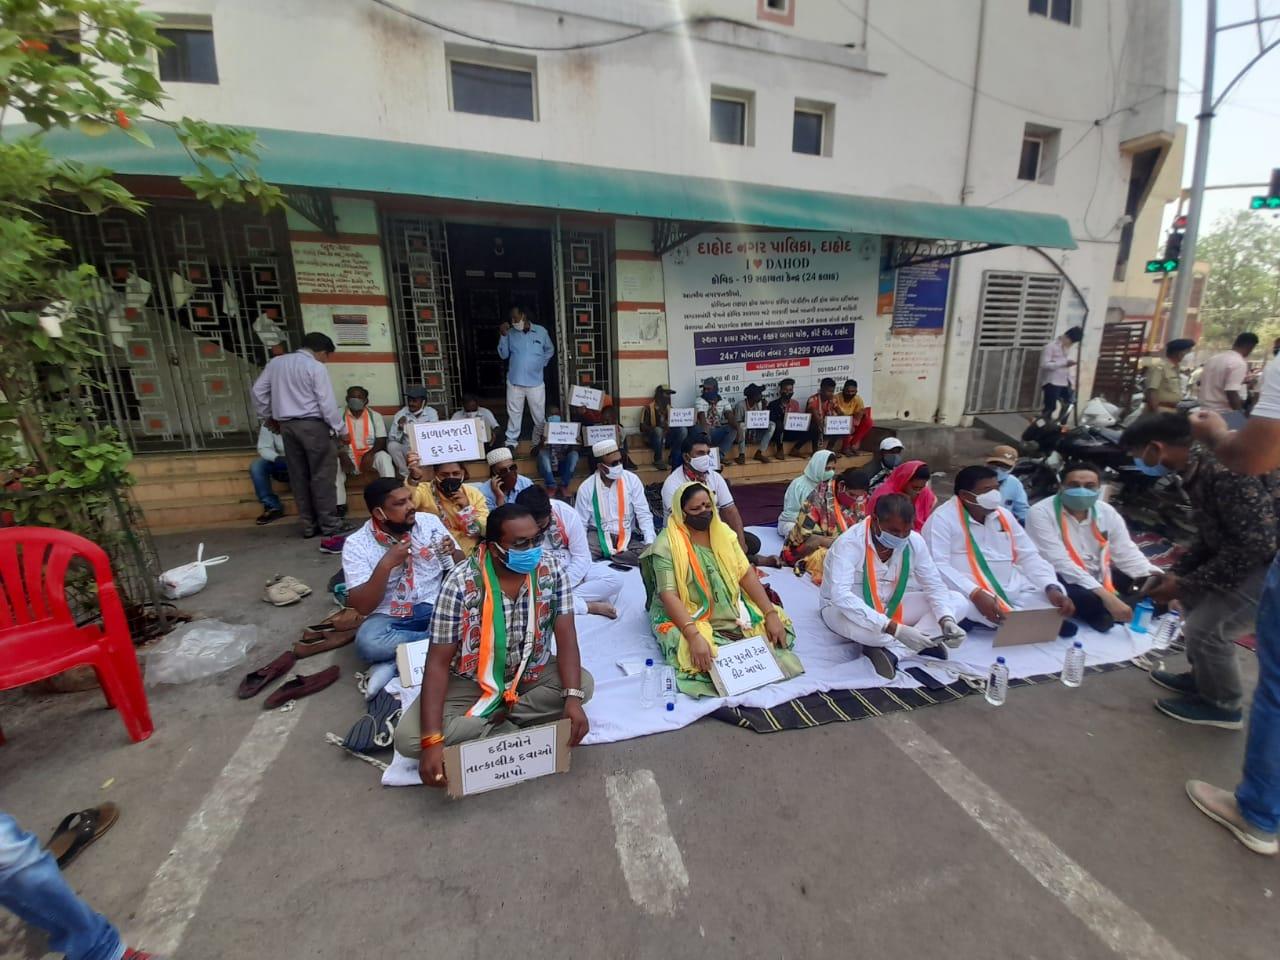 દાહોદ જિલ્લા કોંગ્રેસ સમિતિ દ્વારા કોરોનાને લક્ષી સુવિધાઓ માટે ધરણા યોજવામાં આવ્યા|દાહોદ,Dahod - Divya Bhaskar